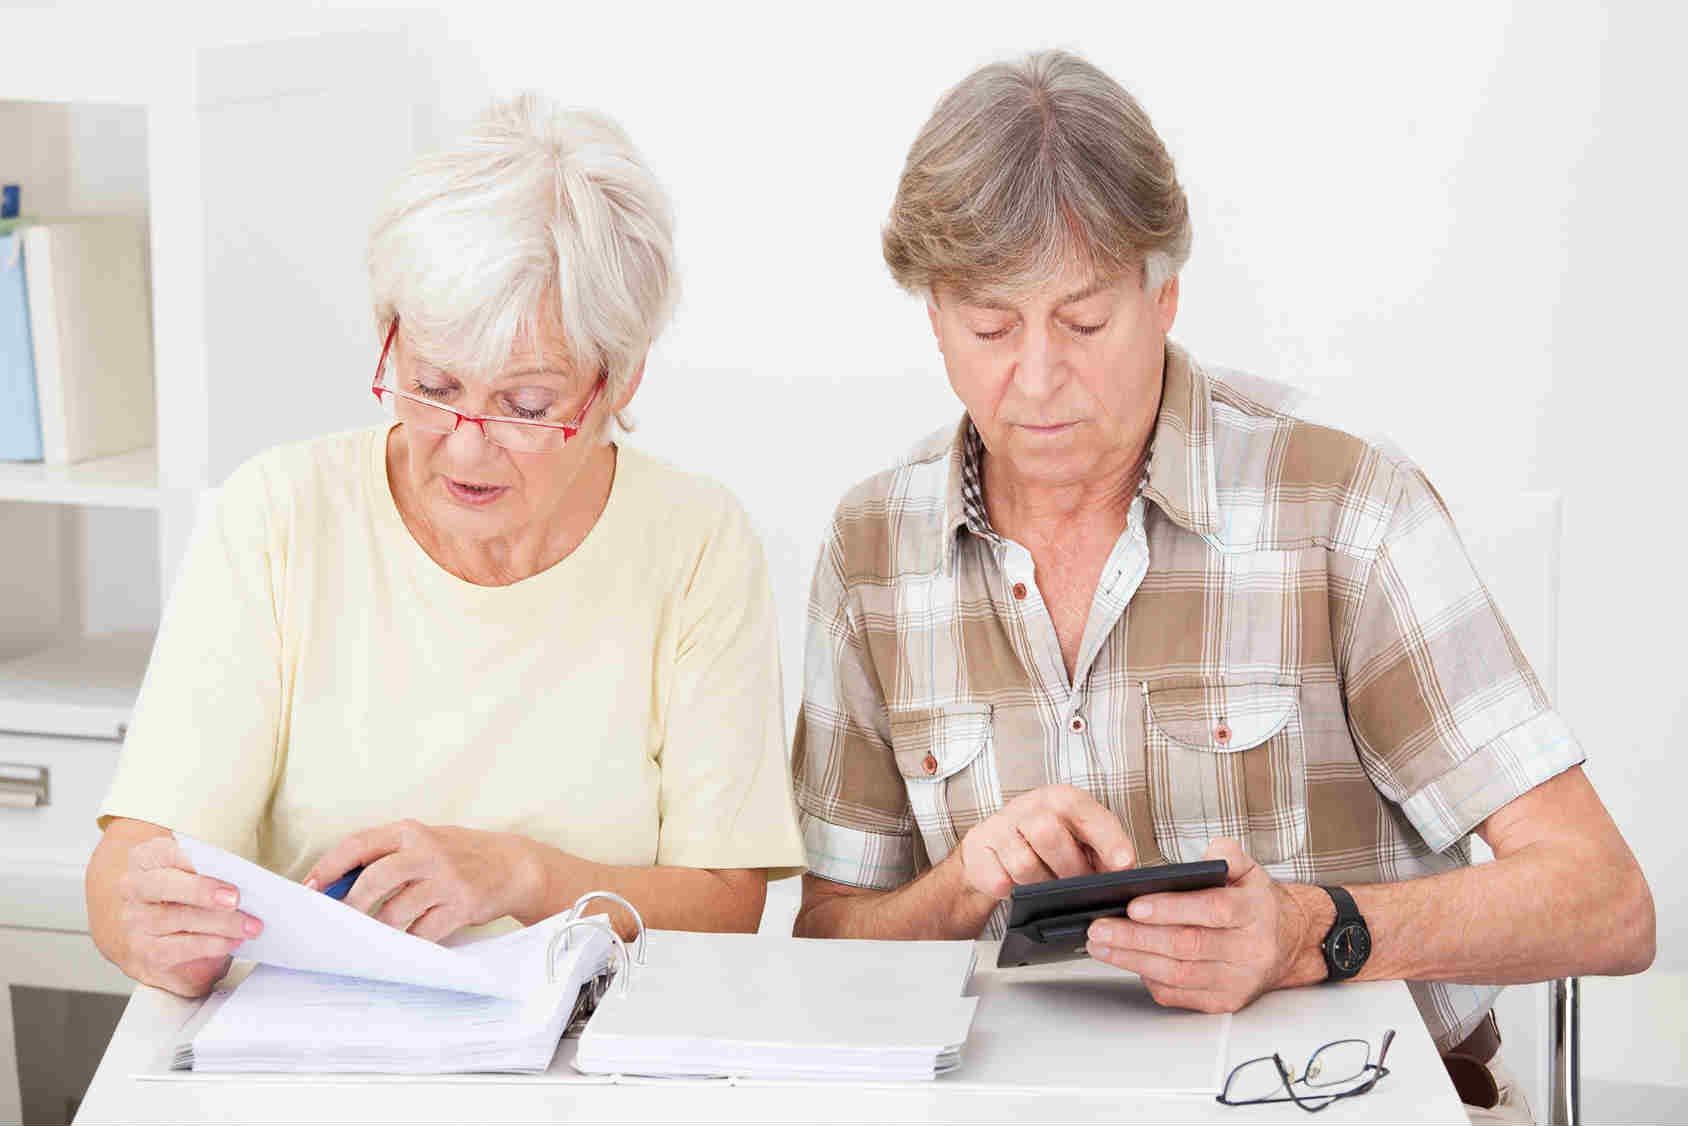 Как получить кредит пенсионеру в москве банк россии г петровск сарат обл потребительский кредит